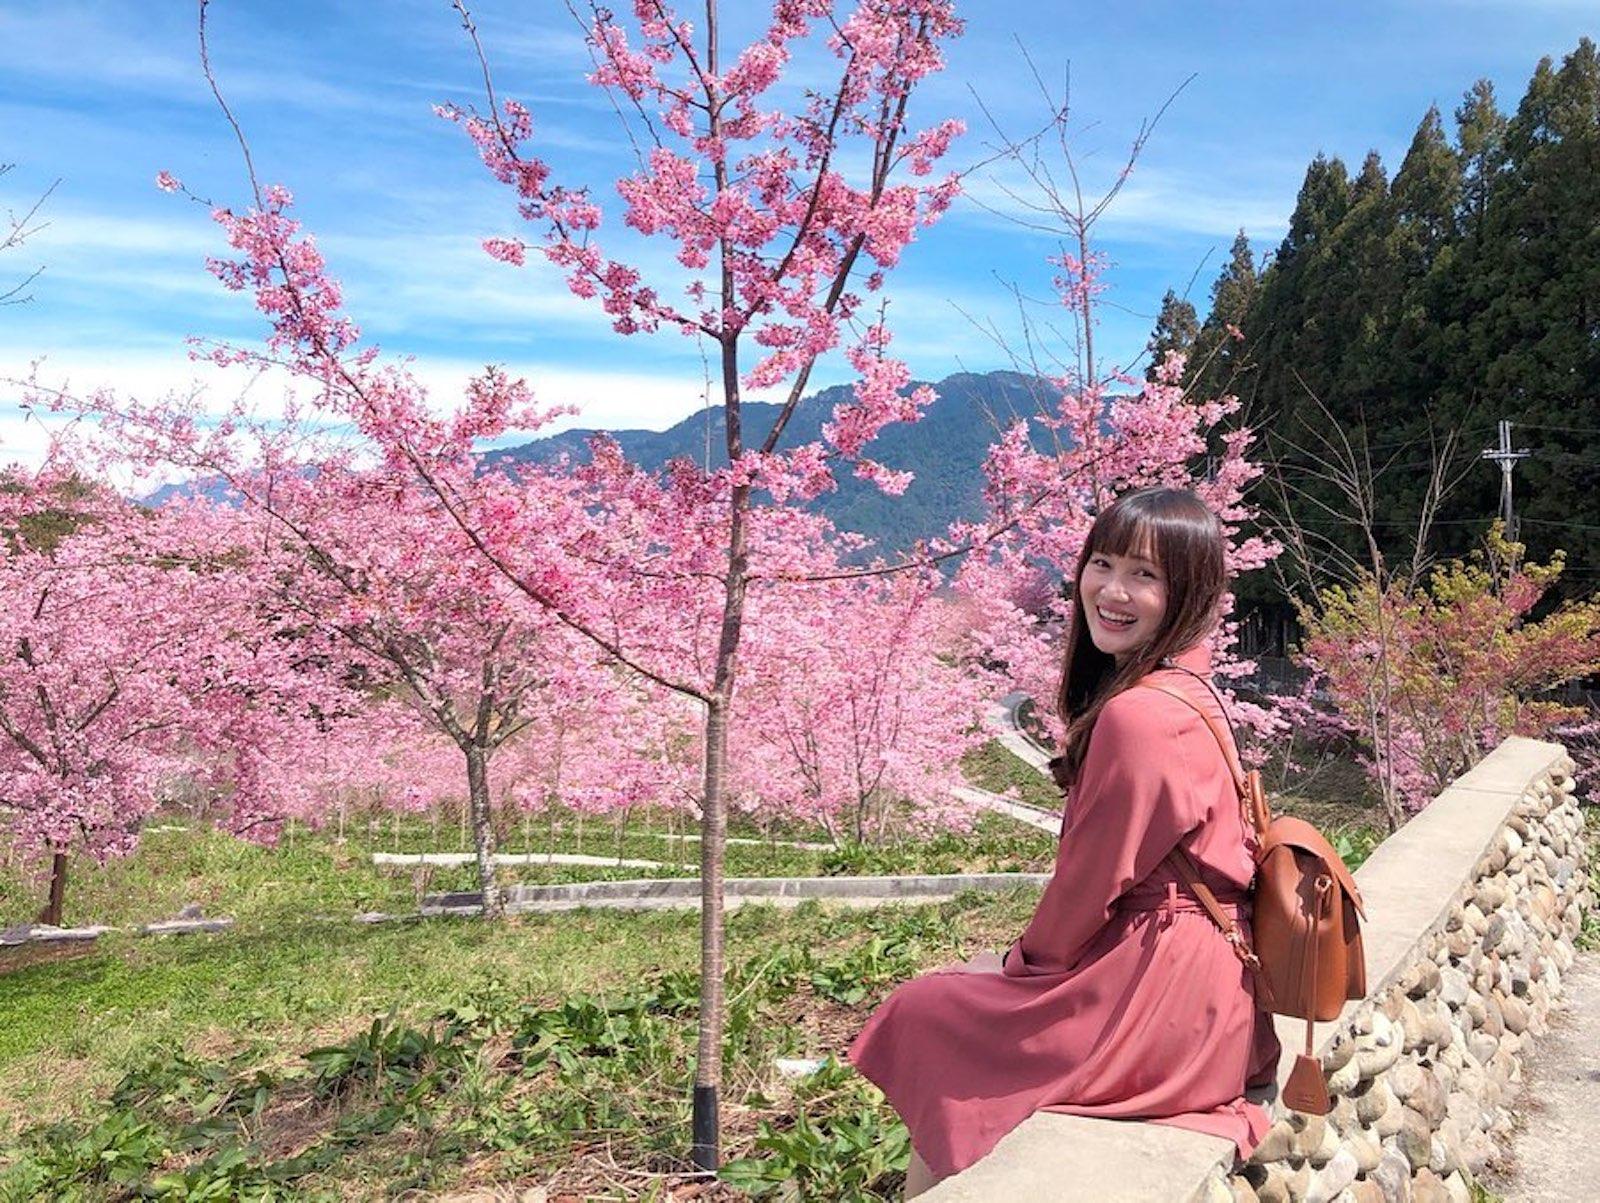 2021網紅9條賞櫻路線|櫻花季開跑,這些私房賞櫻景點不能錯過